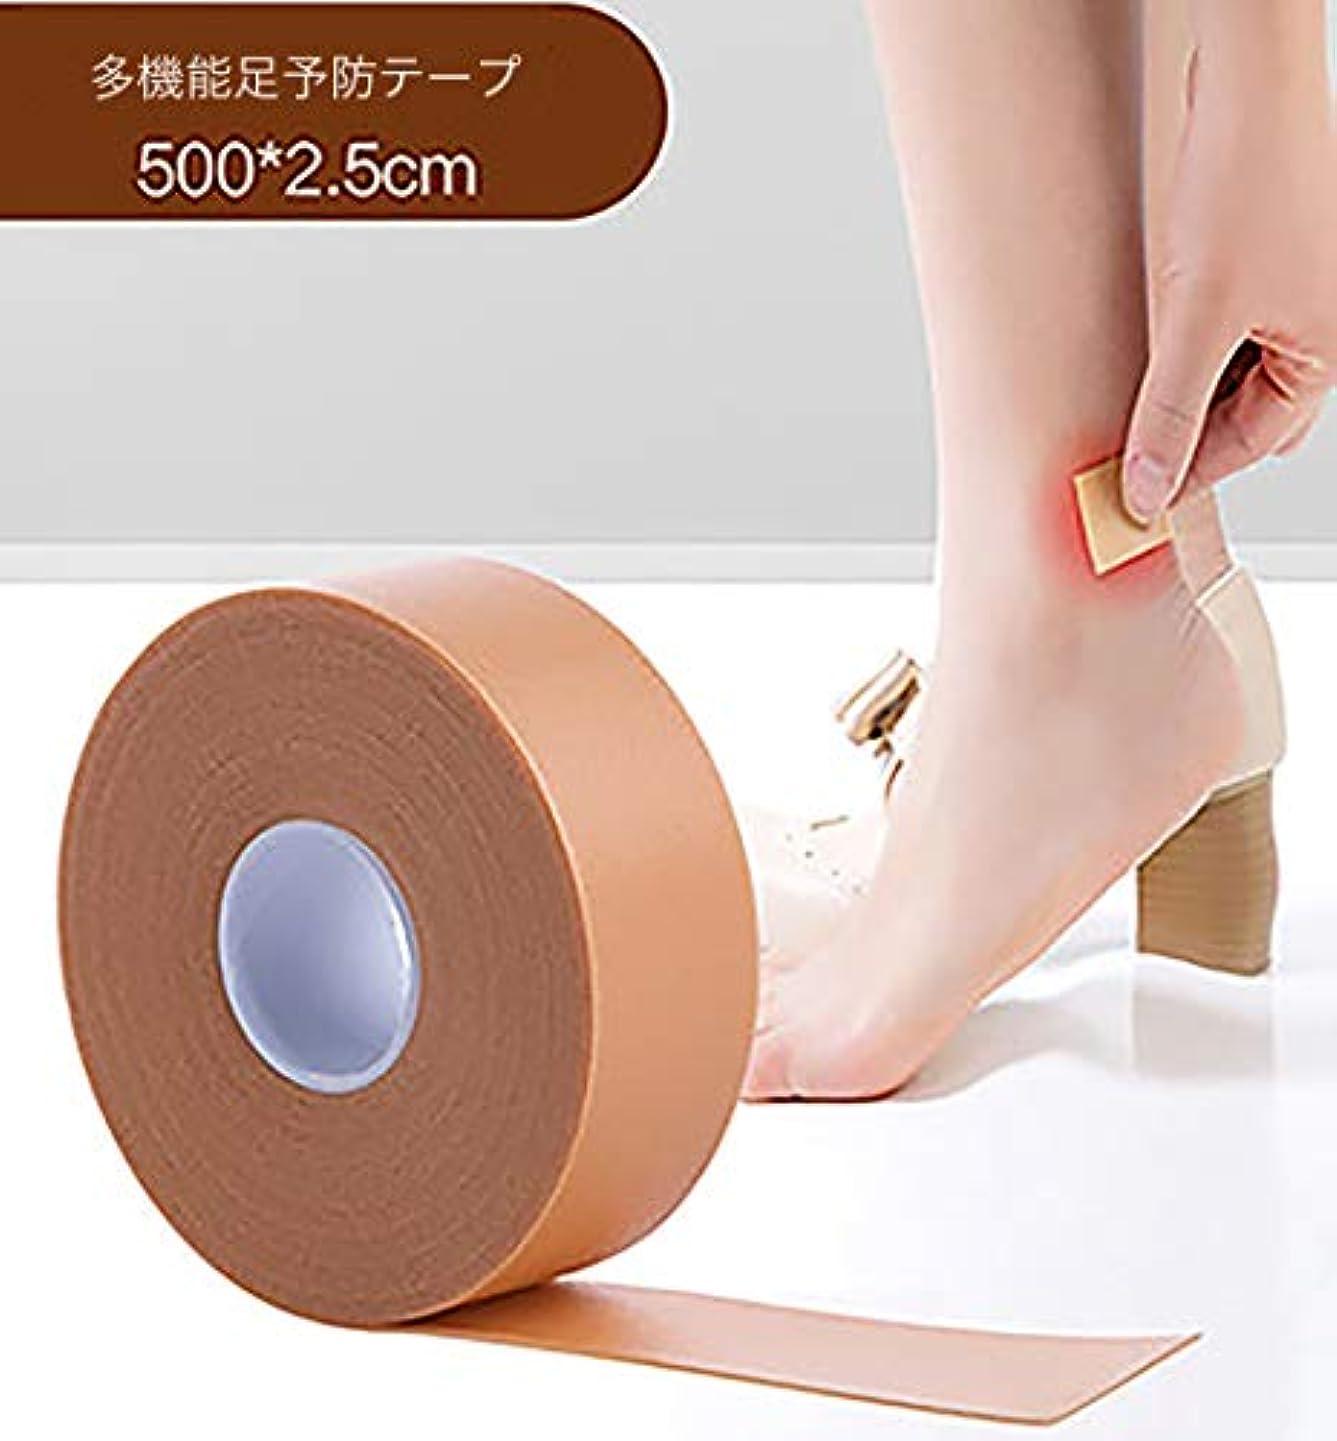 クマノミ時折リフト靴擦れ くつずれ防止 靴擦れケアテープ かかと パッド フットヒールステッカーテープ 防水素材 粘着 かかと パッド テープ 足痛み軽減 耐摩耗 痛み緩和 伸縮性抜群 男女兼用 (1個セット)